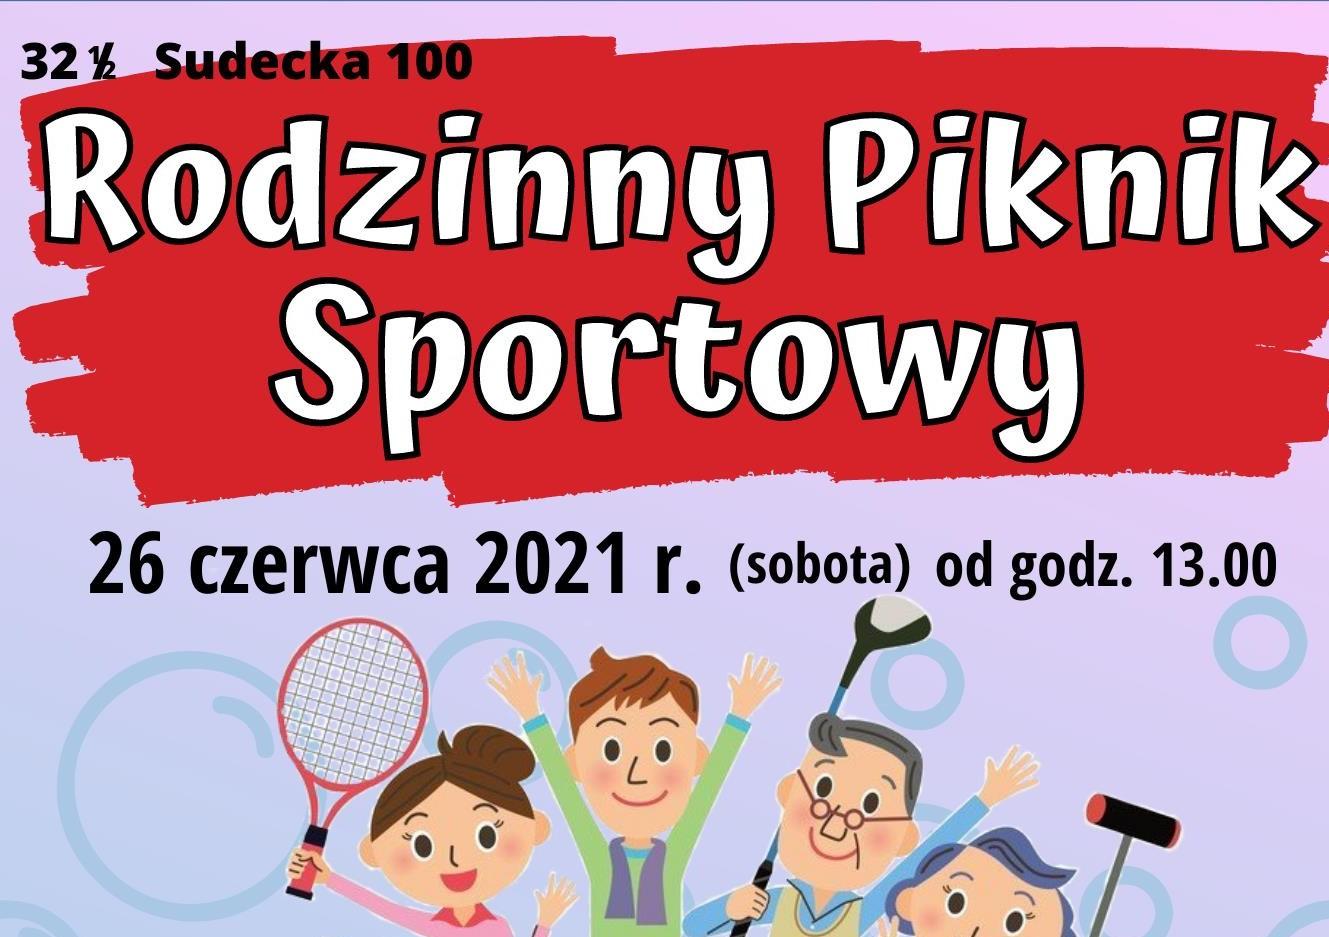 Rodzinny Piknik Sportowy - zapraszamy!